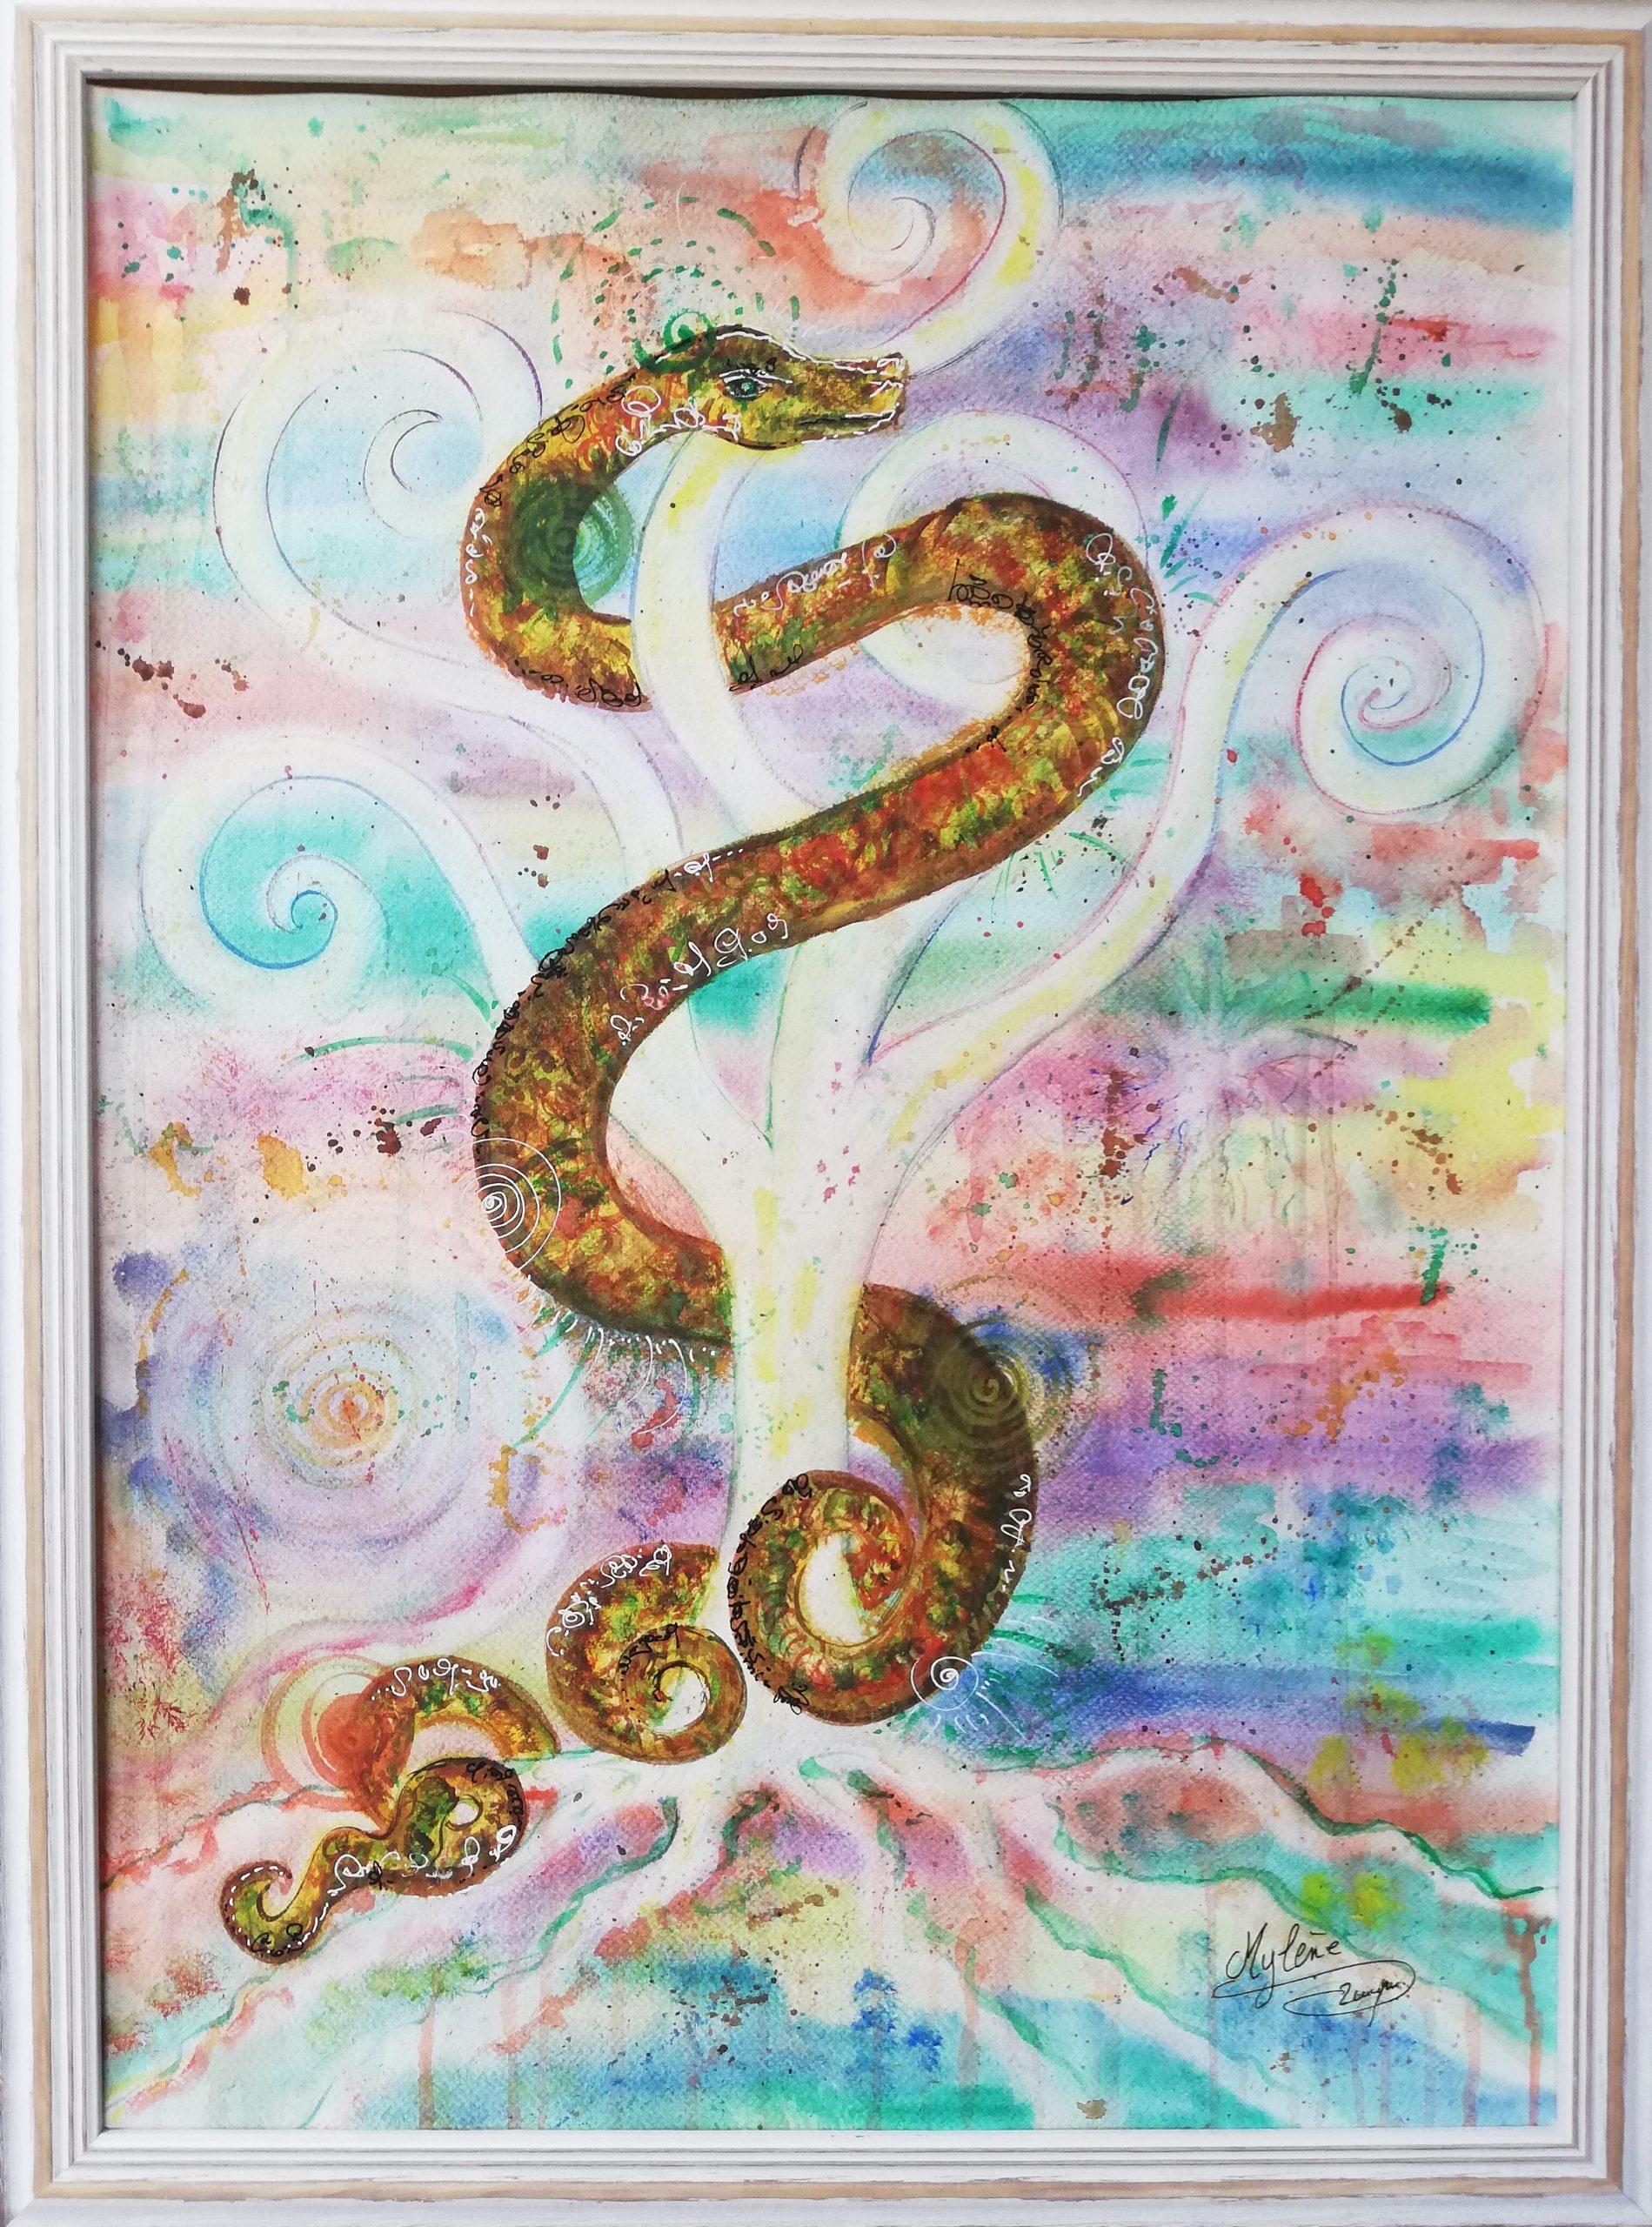 peinture, peinture énergétique, animaux, serpent, arbre de vie, espoir, création, plénitude, spiritualité, couleurs